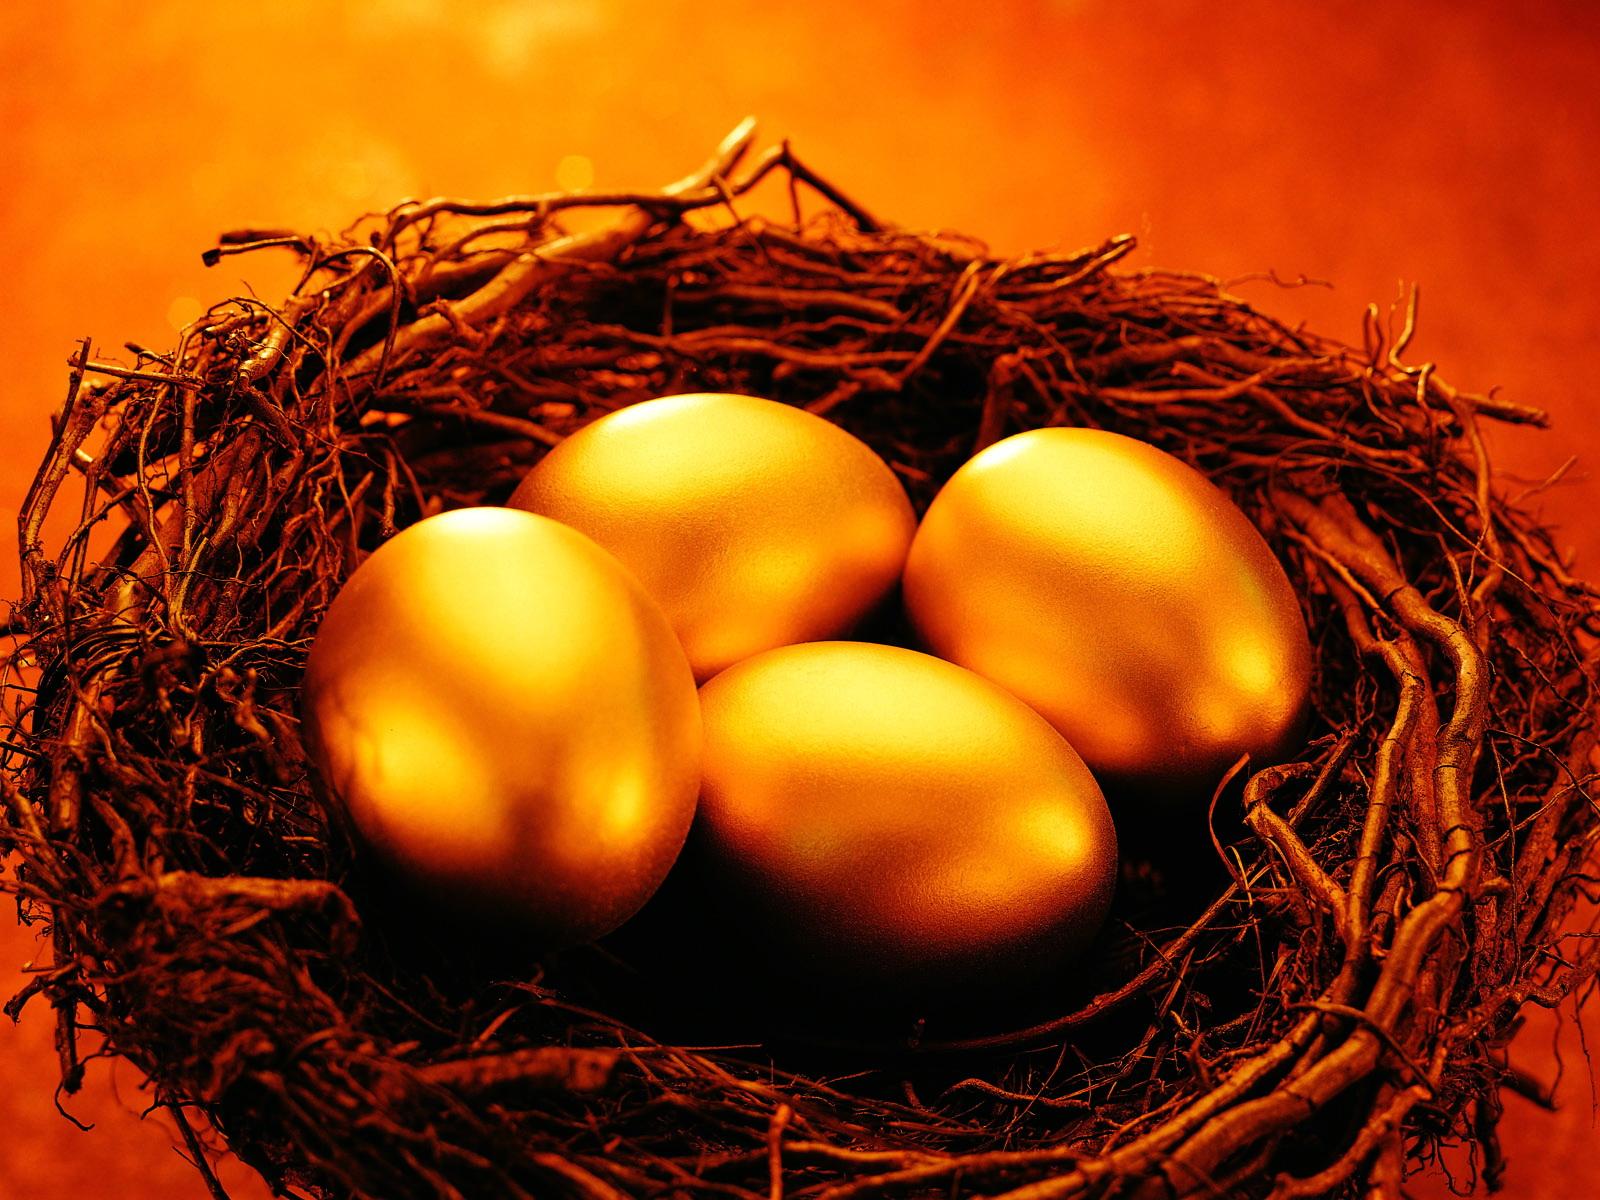 золотые яйца в гнезде, скачать фото, обои для рабочего стола, gold wallpaper